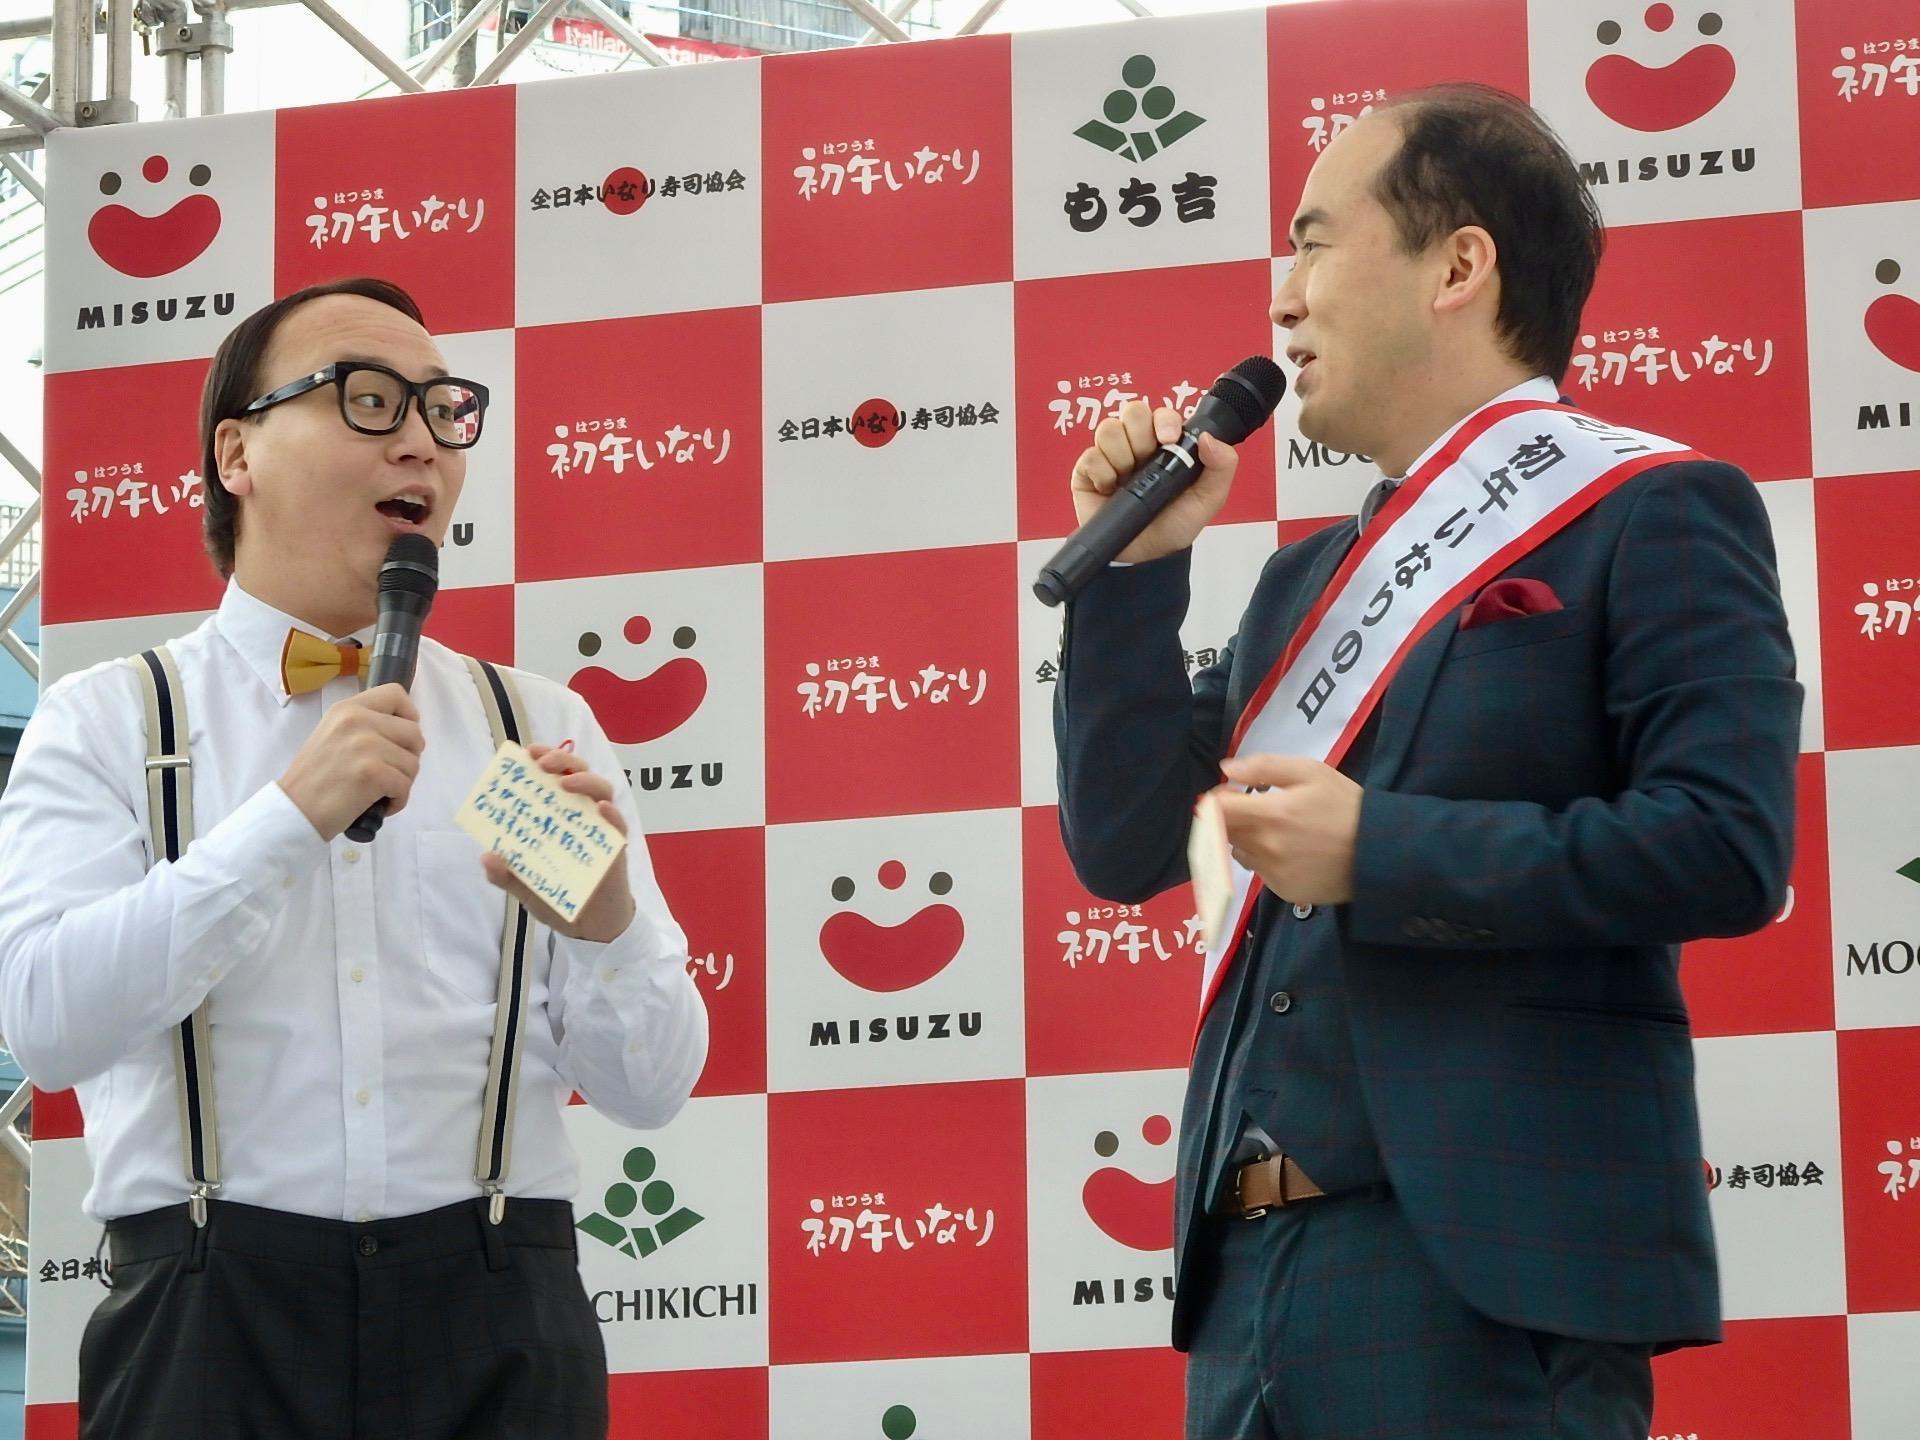 http://news.yoshimoto.co.jp/20180210163923-8ca378178395ea38540d7e6fa8028aec1c5b096f.jpg